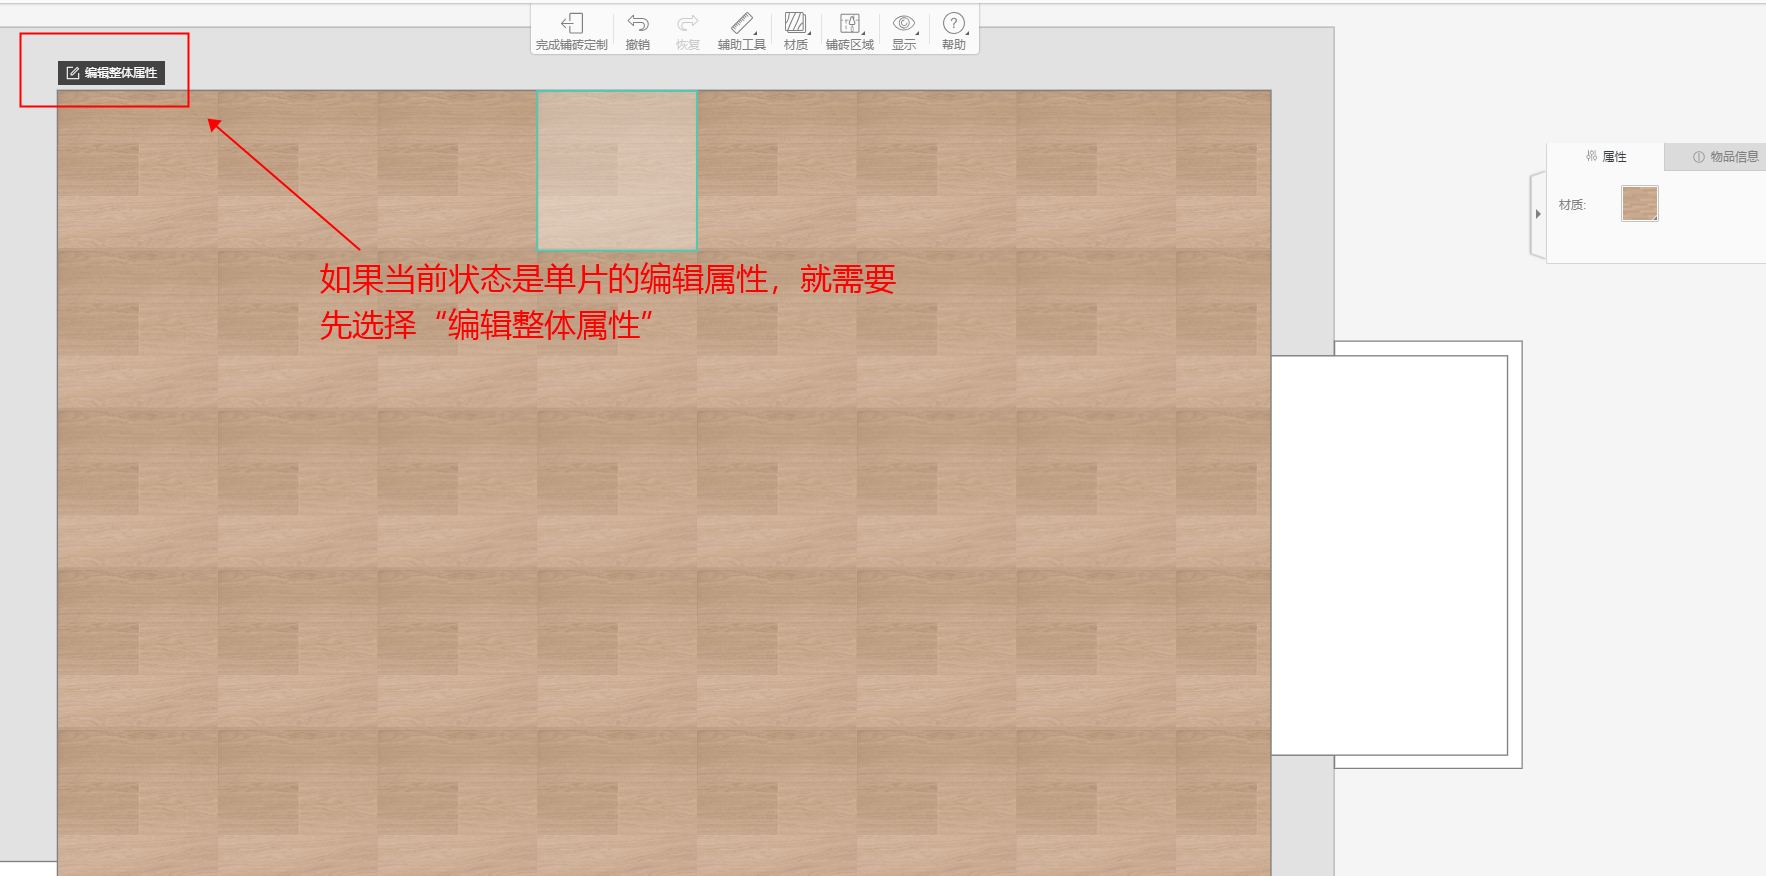 图文课程 硬装设计  瓷砖混铺如何重置到原始状态